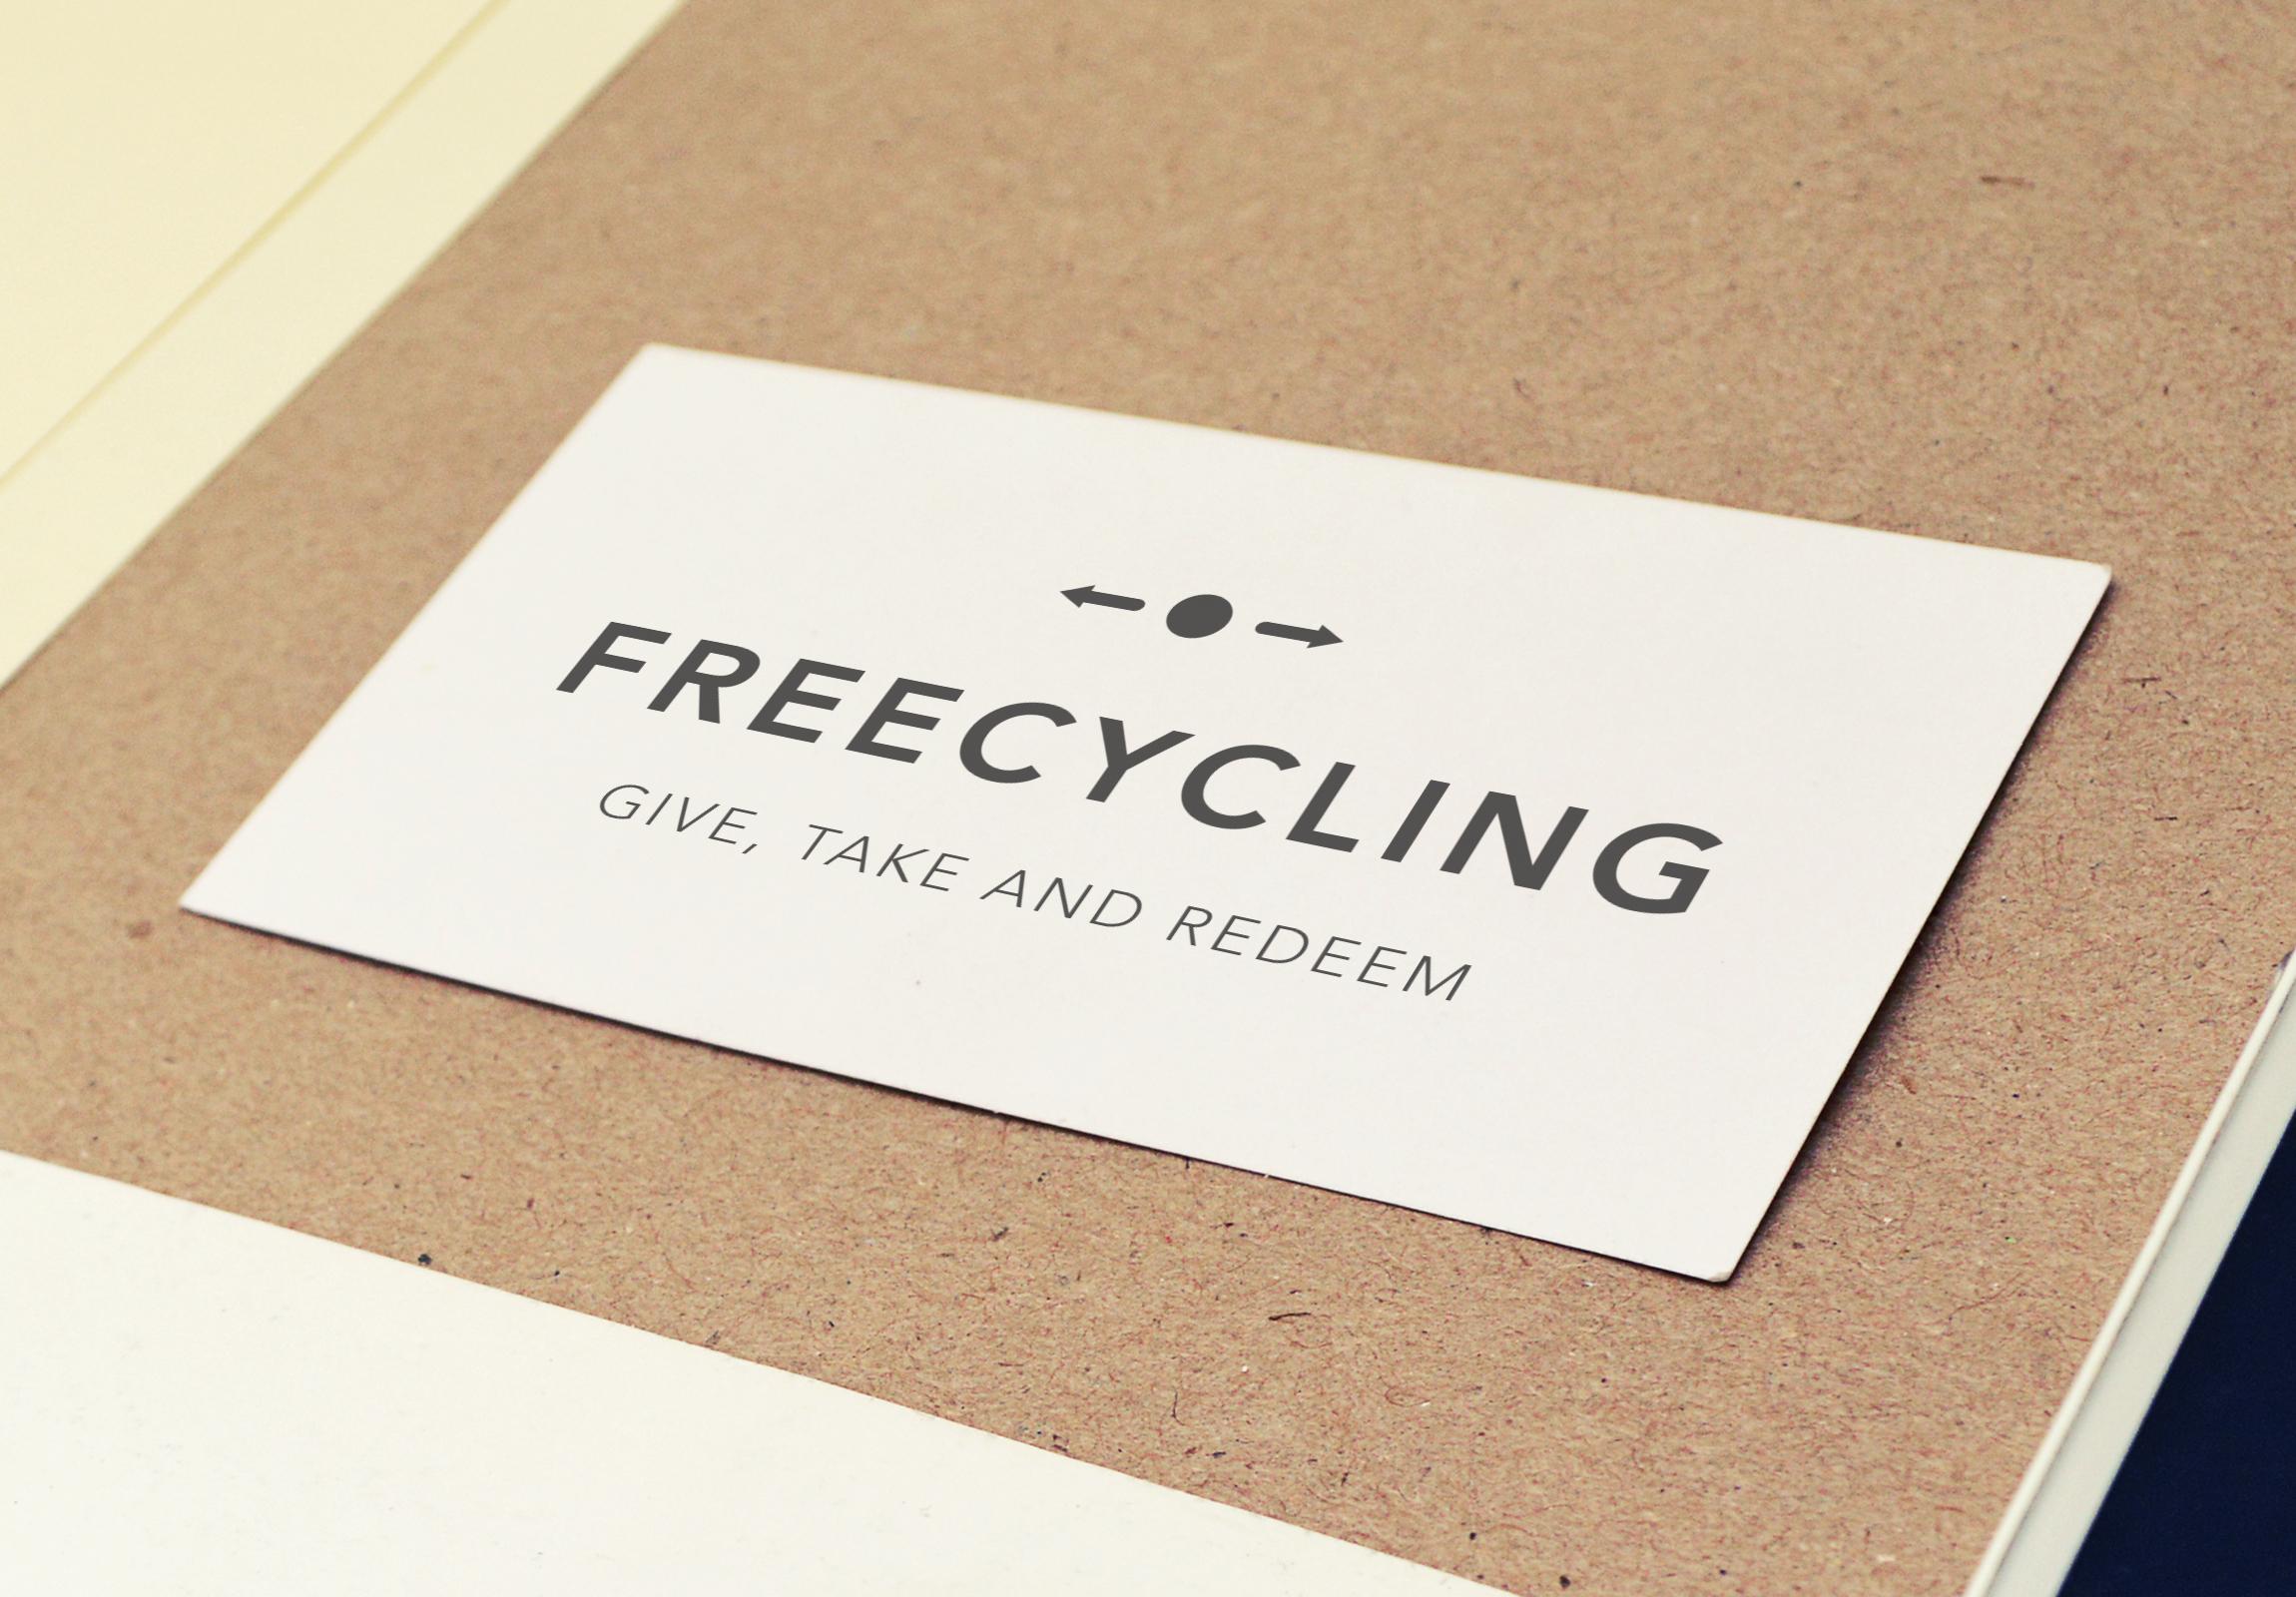 FreecyclingMockupCard.jpg